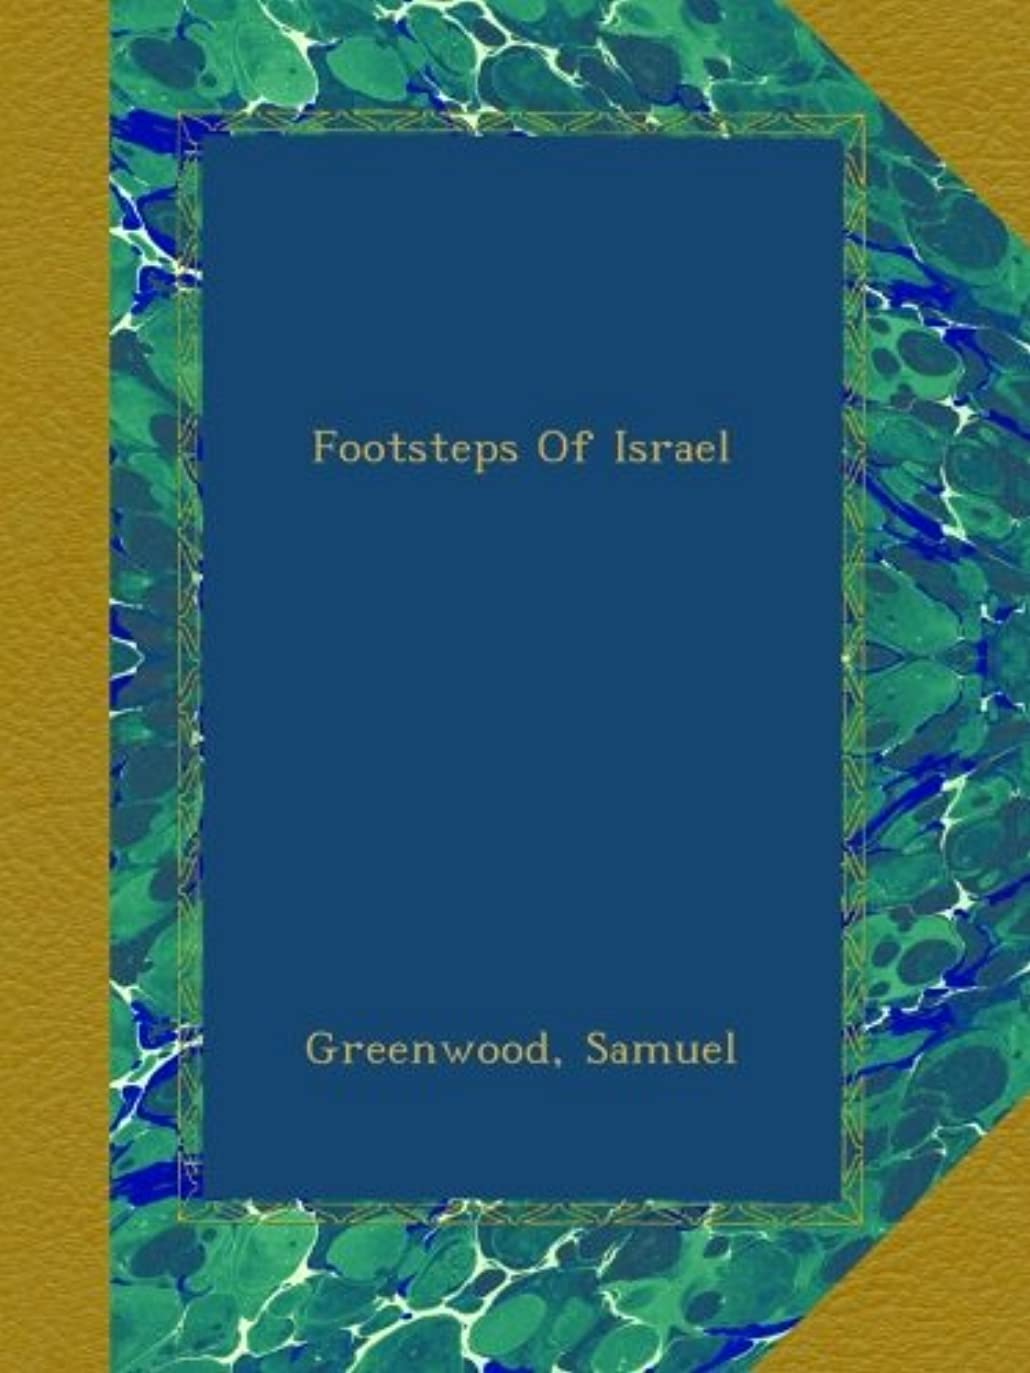 アグネスグレイ献身止まるFootsteps Of Israel